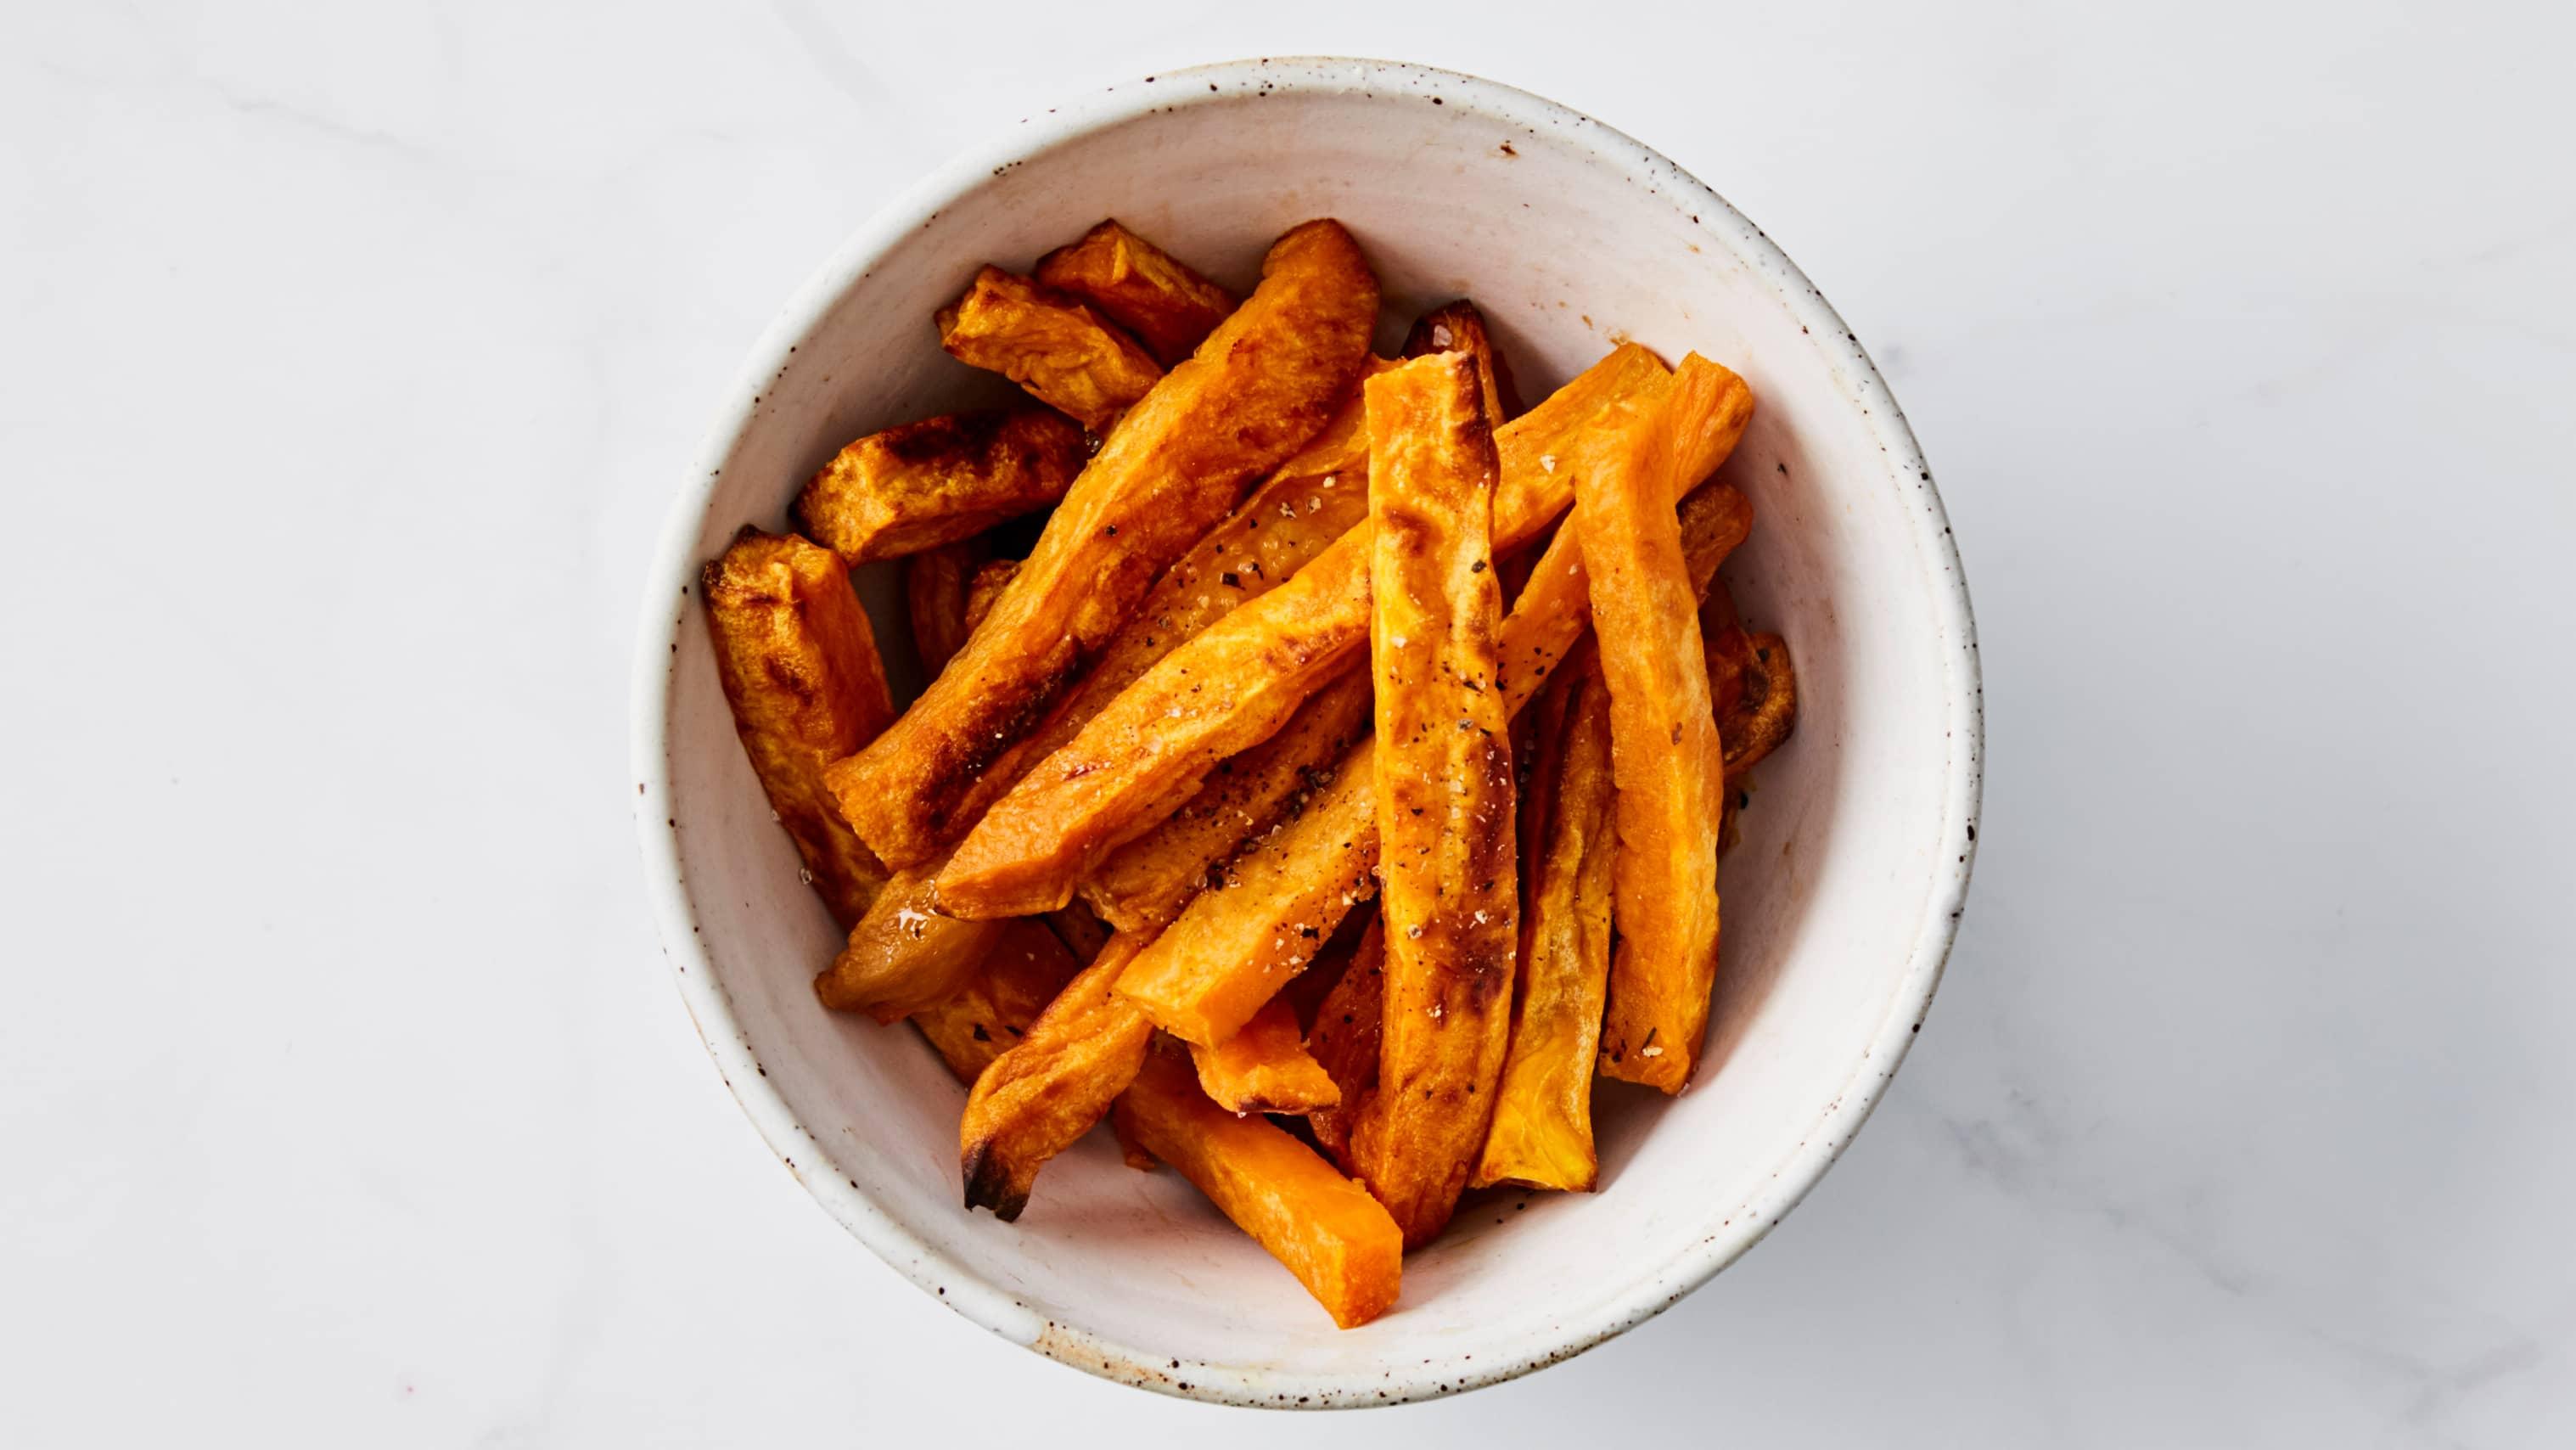 Søtpotetfries er et supert alternativ til pommes frites.